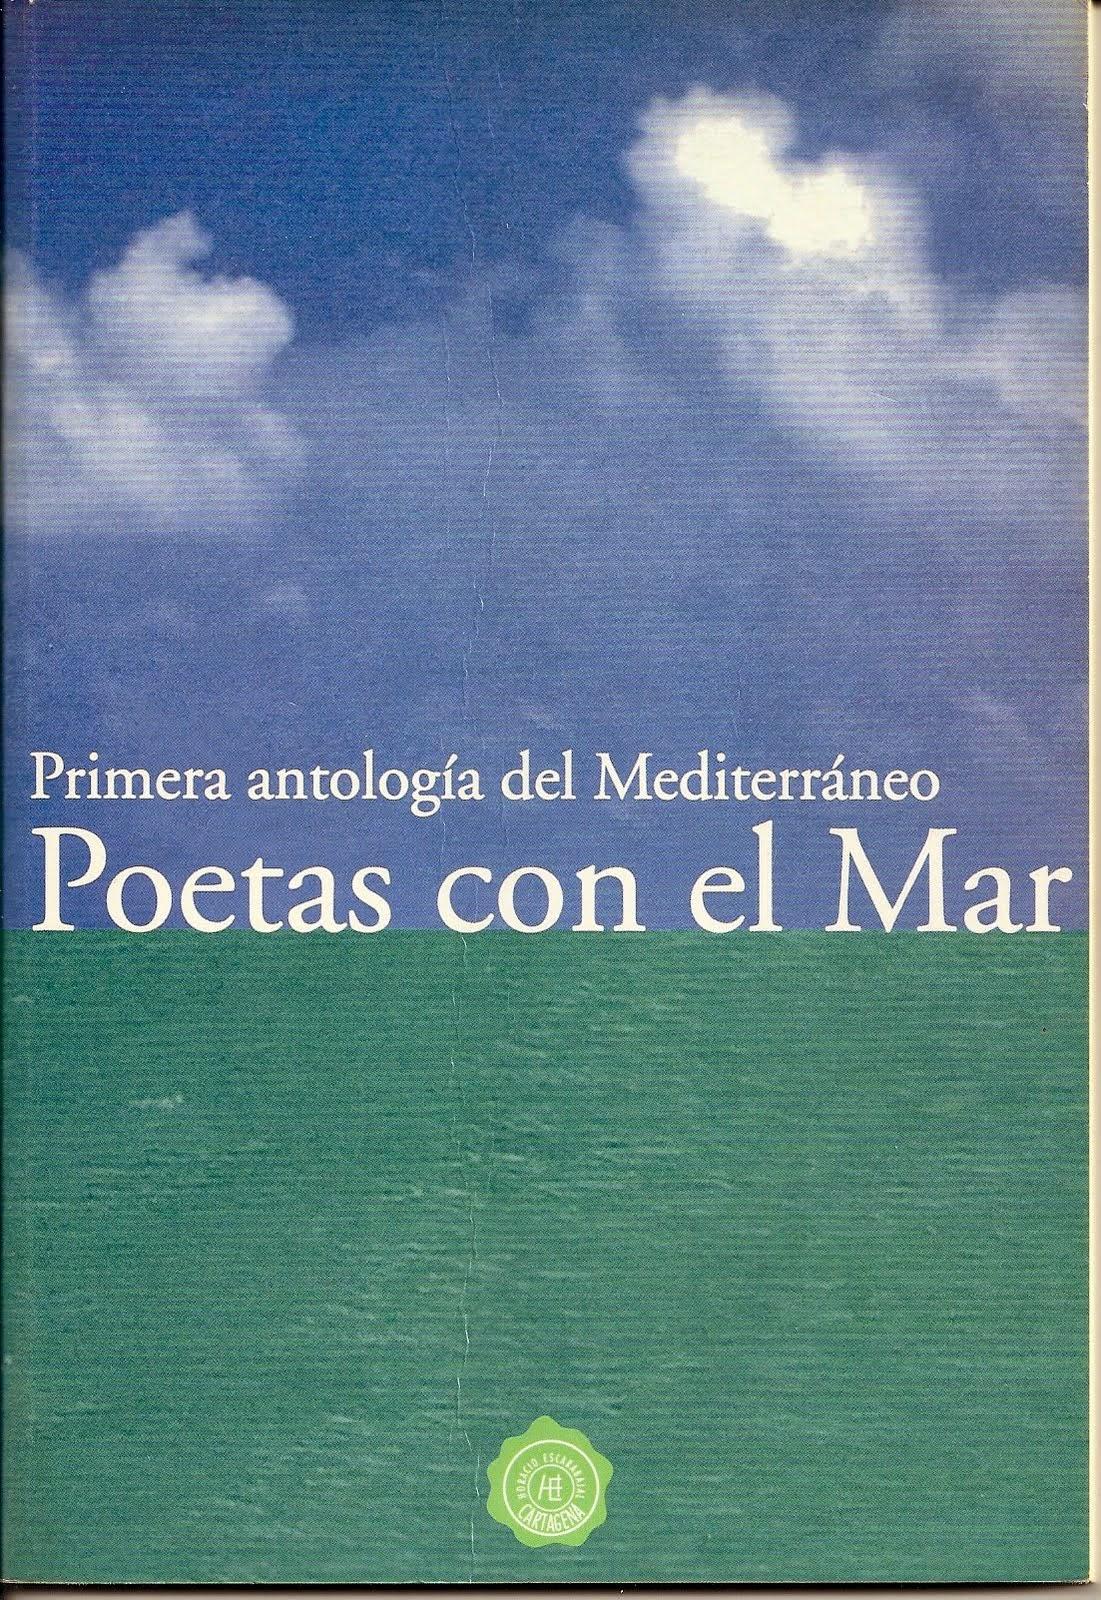 Poetas con el Mar. Primera antología del Mediterráneo